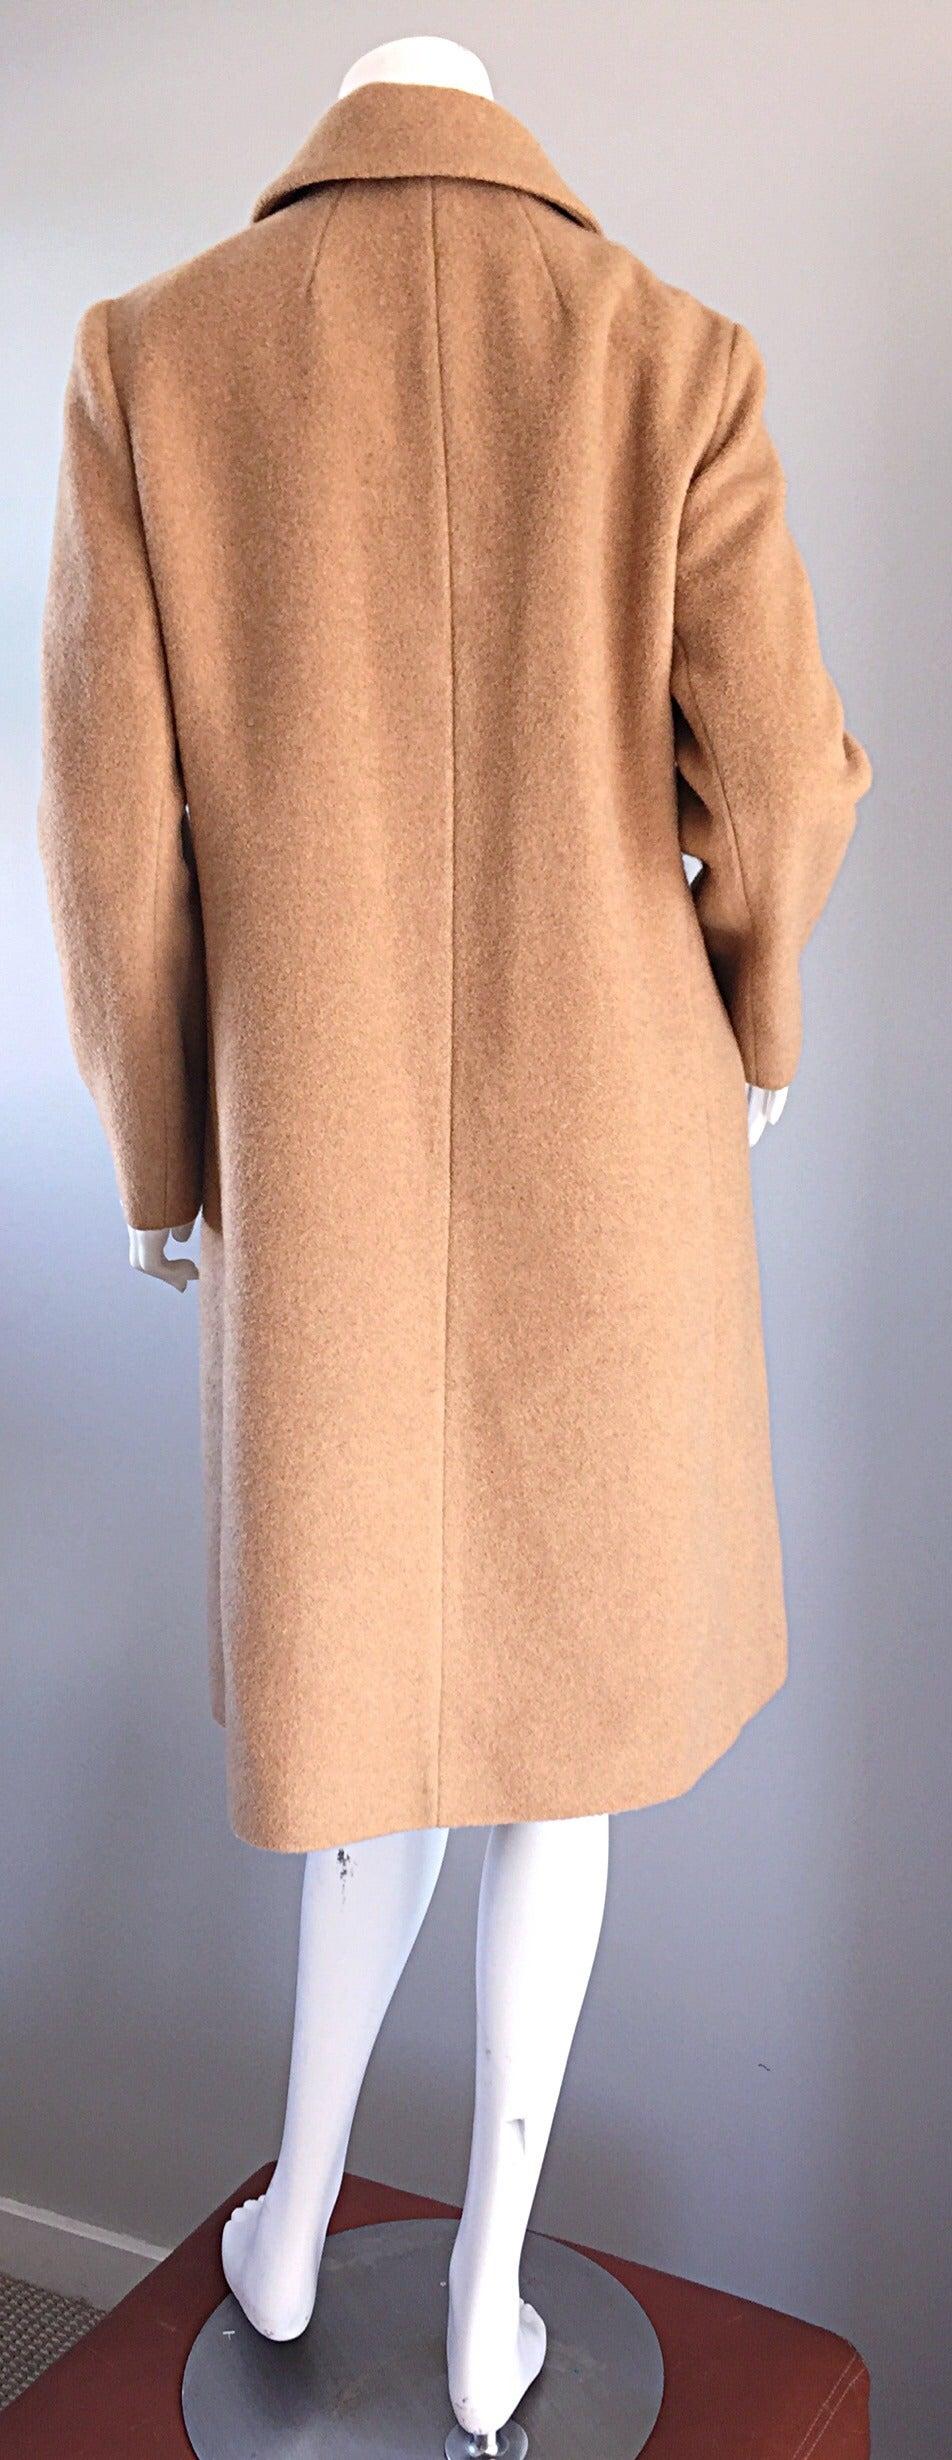 1960s Vintage Camels Hair 60s Designer Camel Coat Jacket For Sale 3